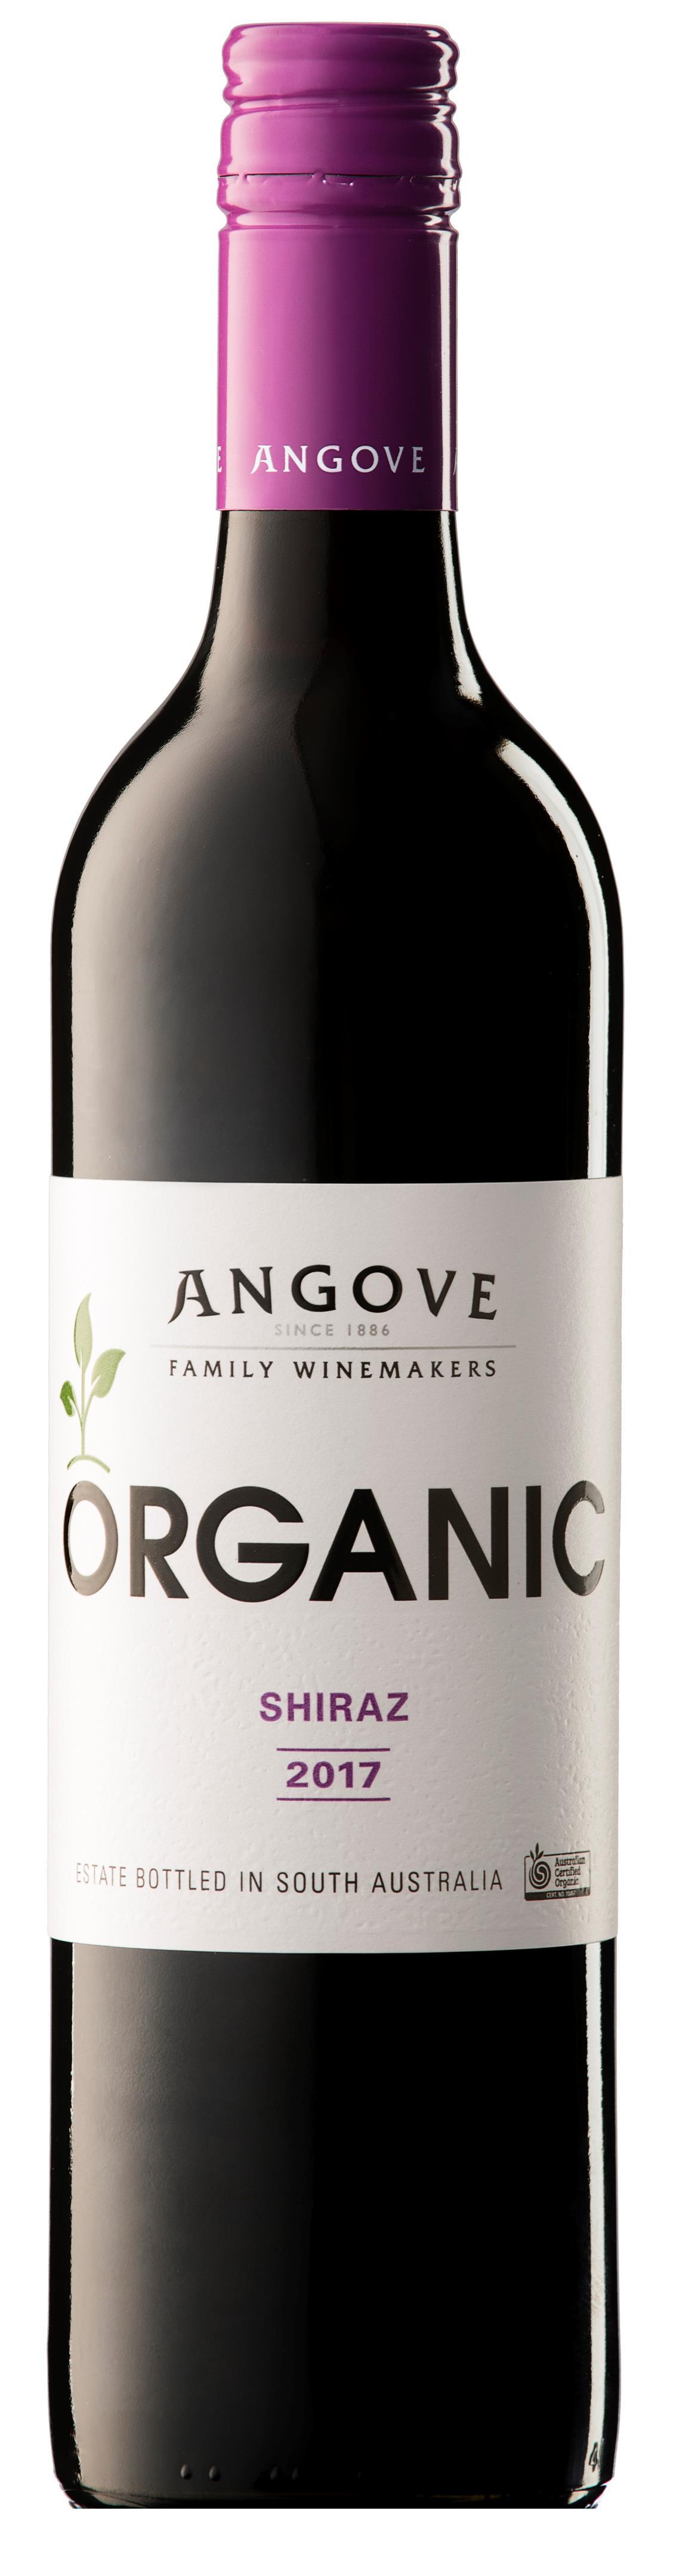 Angove Organic Shiraz 2017